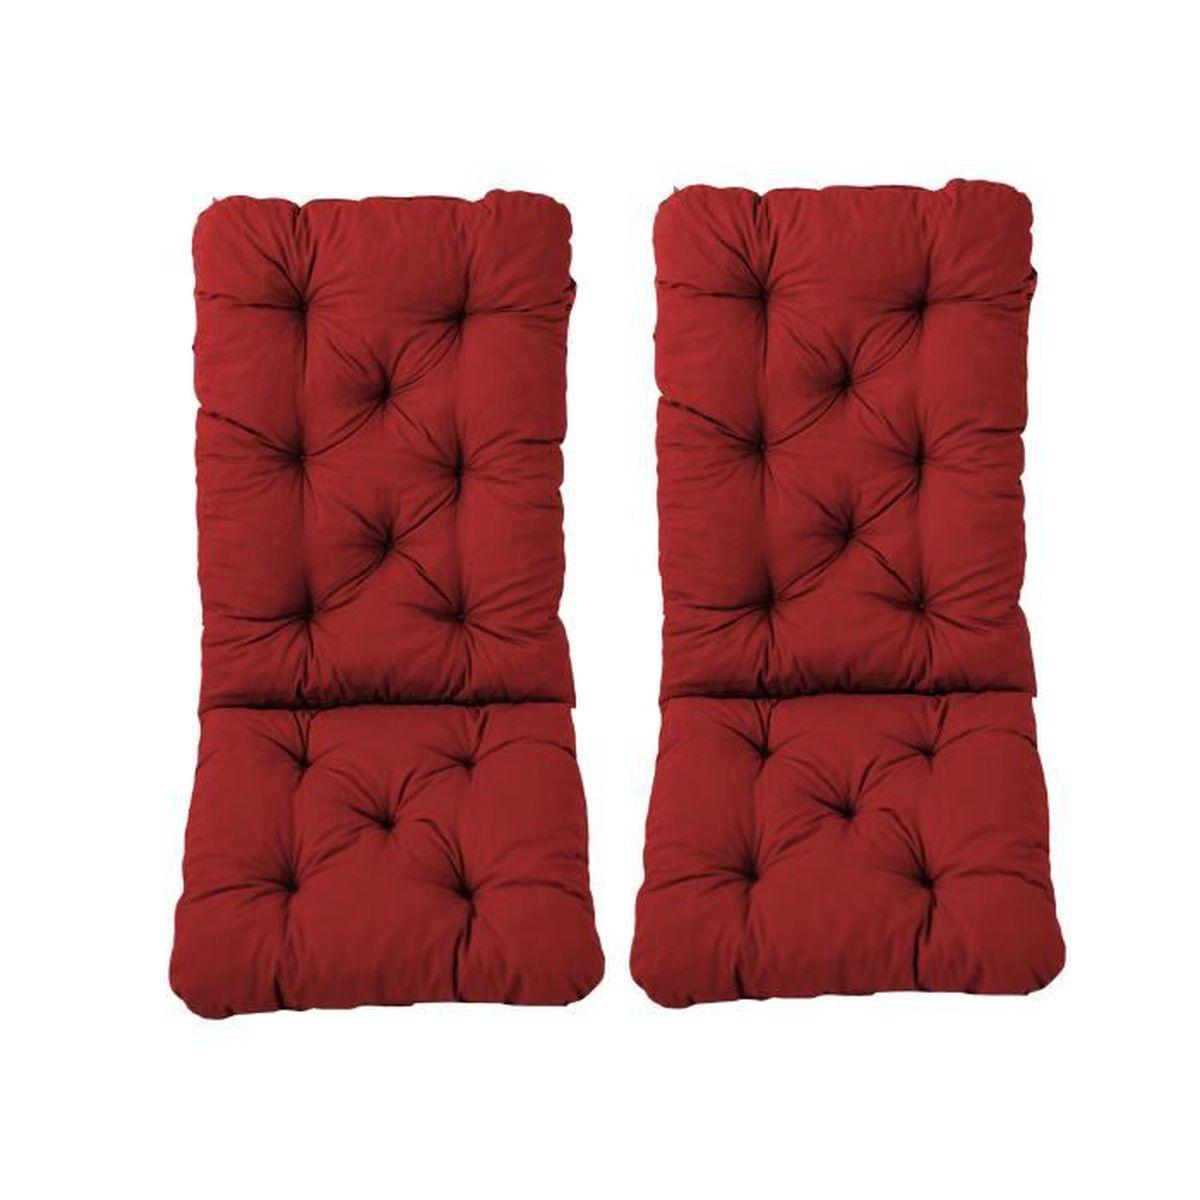 Coussin de fauteuil de jardin pas cher cool chaise bistrot gifi coussin chaise de jardin pas - Mousse pour coussin gifi ...